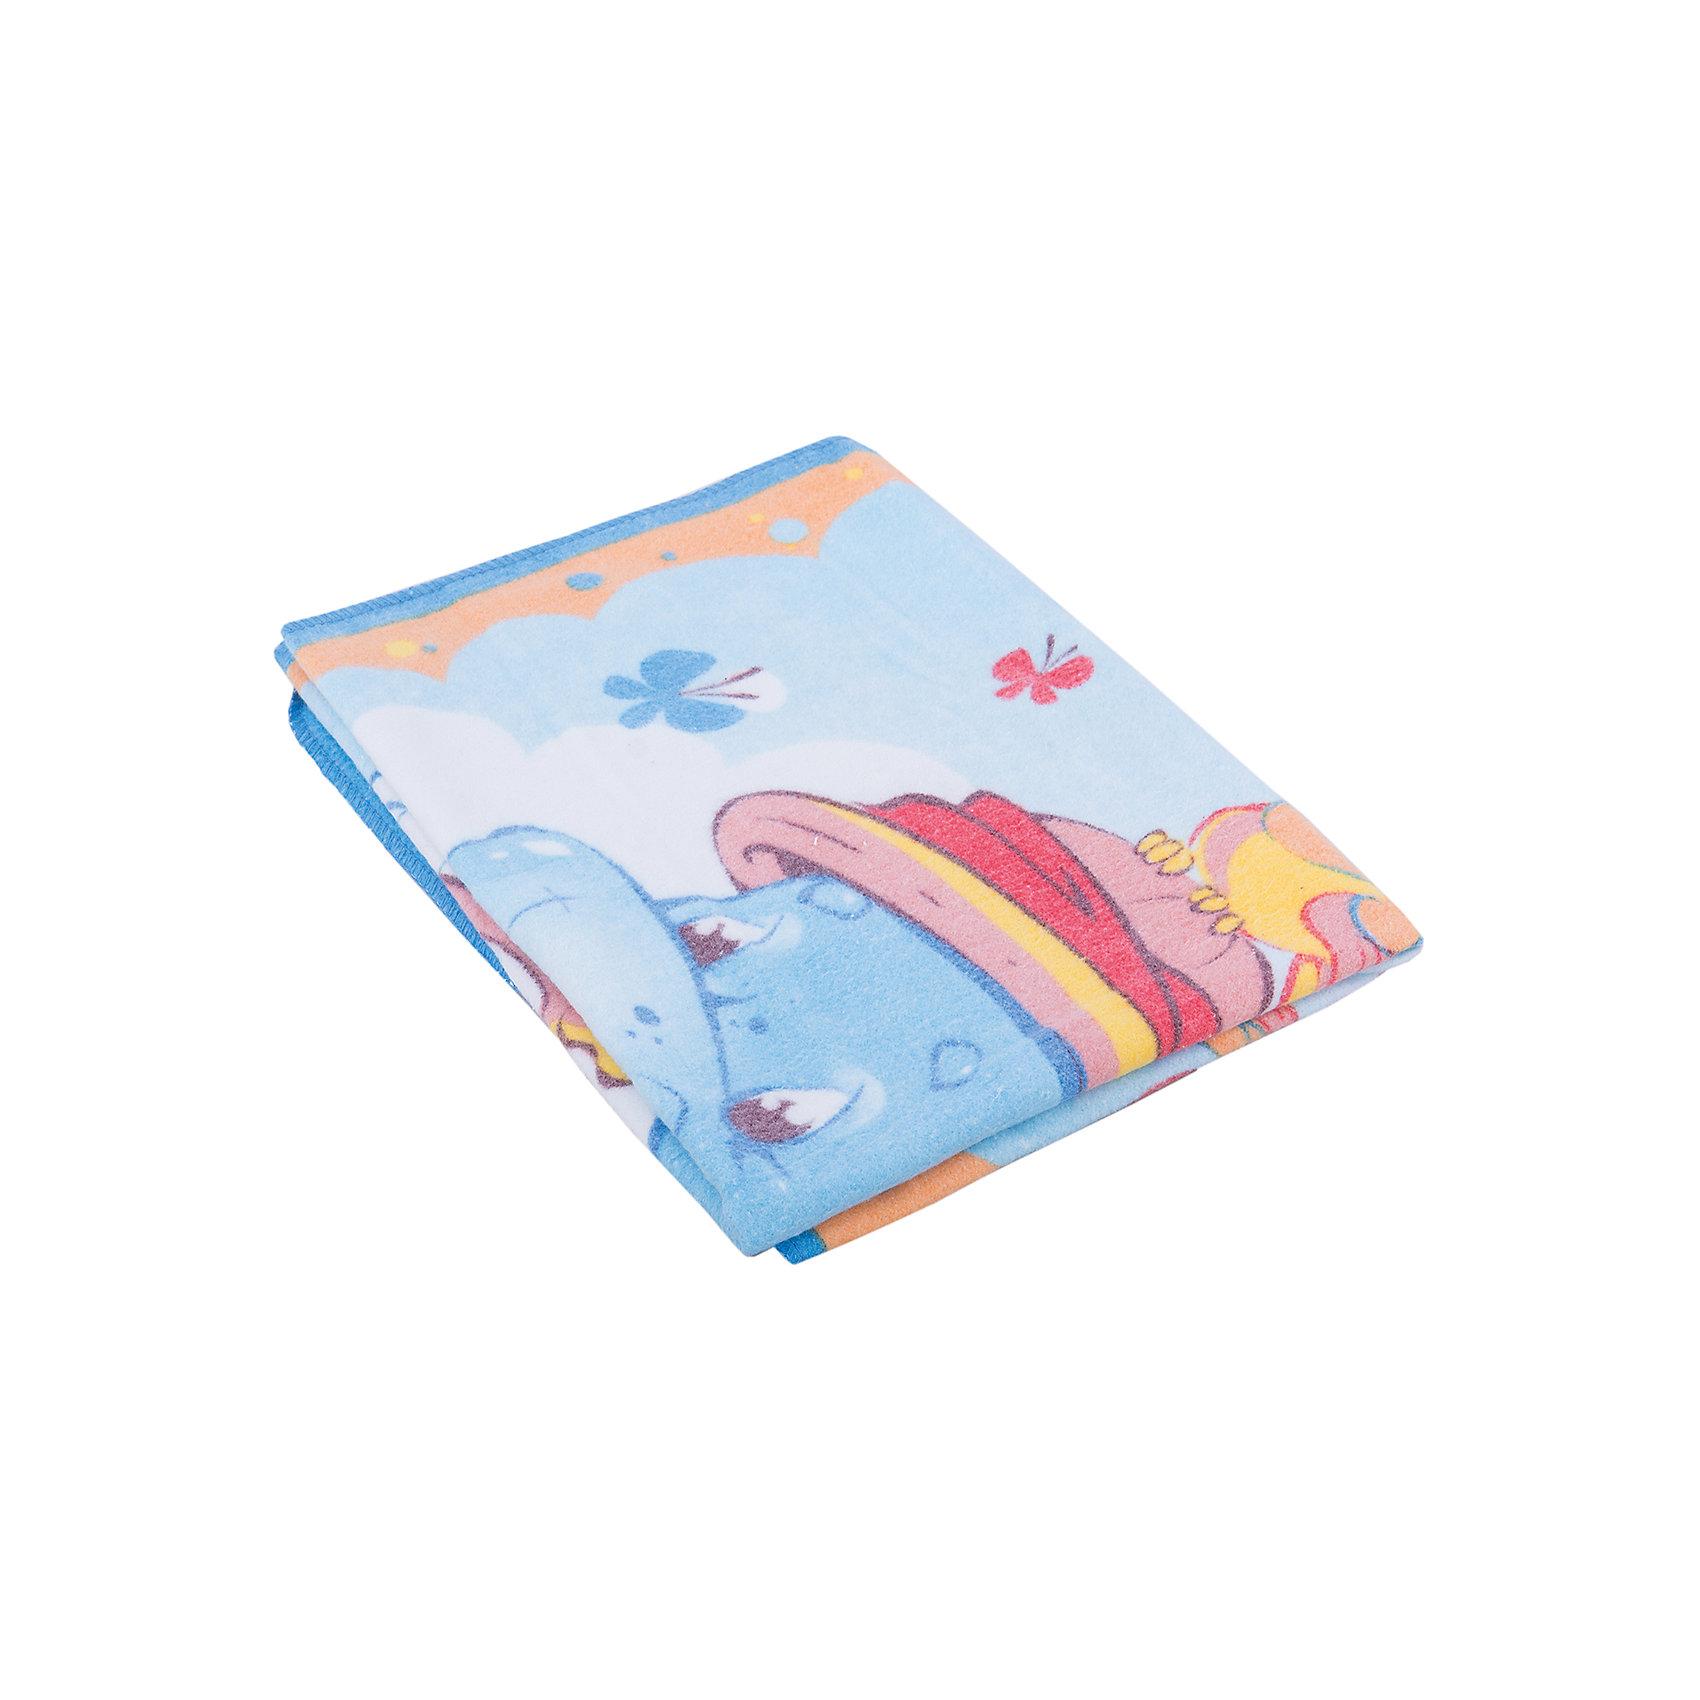 Одеяло байковое Бегемот и Попугай, 100х140, Baby Nice, голубойМягкое байковое одеяло Бегемот и попугай подарит малышам крепкий, комфортный и здоровый сон. Одеяло выполнено из натурального хлопка, прекрасно пропускает воздух, сохраняя при этом тепло, что обеспечивает поддержание комфортного микроклимата как дома, так и на прогулке. Абсолютно гипоаллергенное, идеально подходит для новорожденных детей. <br><br>Дополнительная информация:<br><br>- Материал: хлопок 100%.<br>- Размер: 100х140 см. <br>- Отделка: оверлок.<br>- Цвет: голубой.<br>- Декоративные элементы: принт (бегемот и попугай).<br>- Внутренняя сторона - однотонная. <br>- Стирка: машинная при 40 ?. <br><br>Одеяло байковое Бегемот и Попугай, 100х140, Baby Nice (Беби Найс), голубое, можно купить в нашем магазине.<br><br>Ширина мм: 40<br>Глубина мм: 5<br>Высота мм: 30<br>Вес г: 500<br>Возраст от месяцев: 0<br>Возраст до месяцев: 60<br>Пол: Мужской<br>Возраст: Детский<br>SKU: 4058255